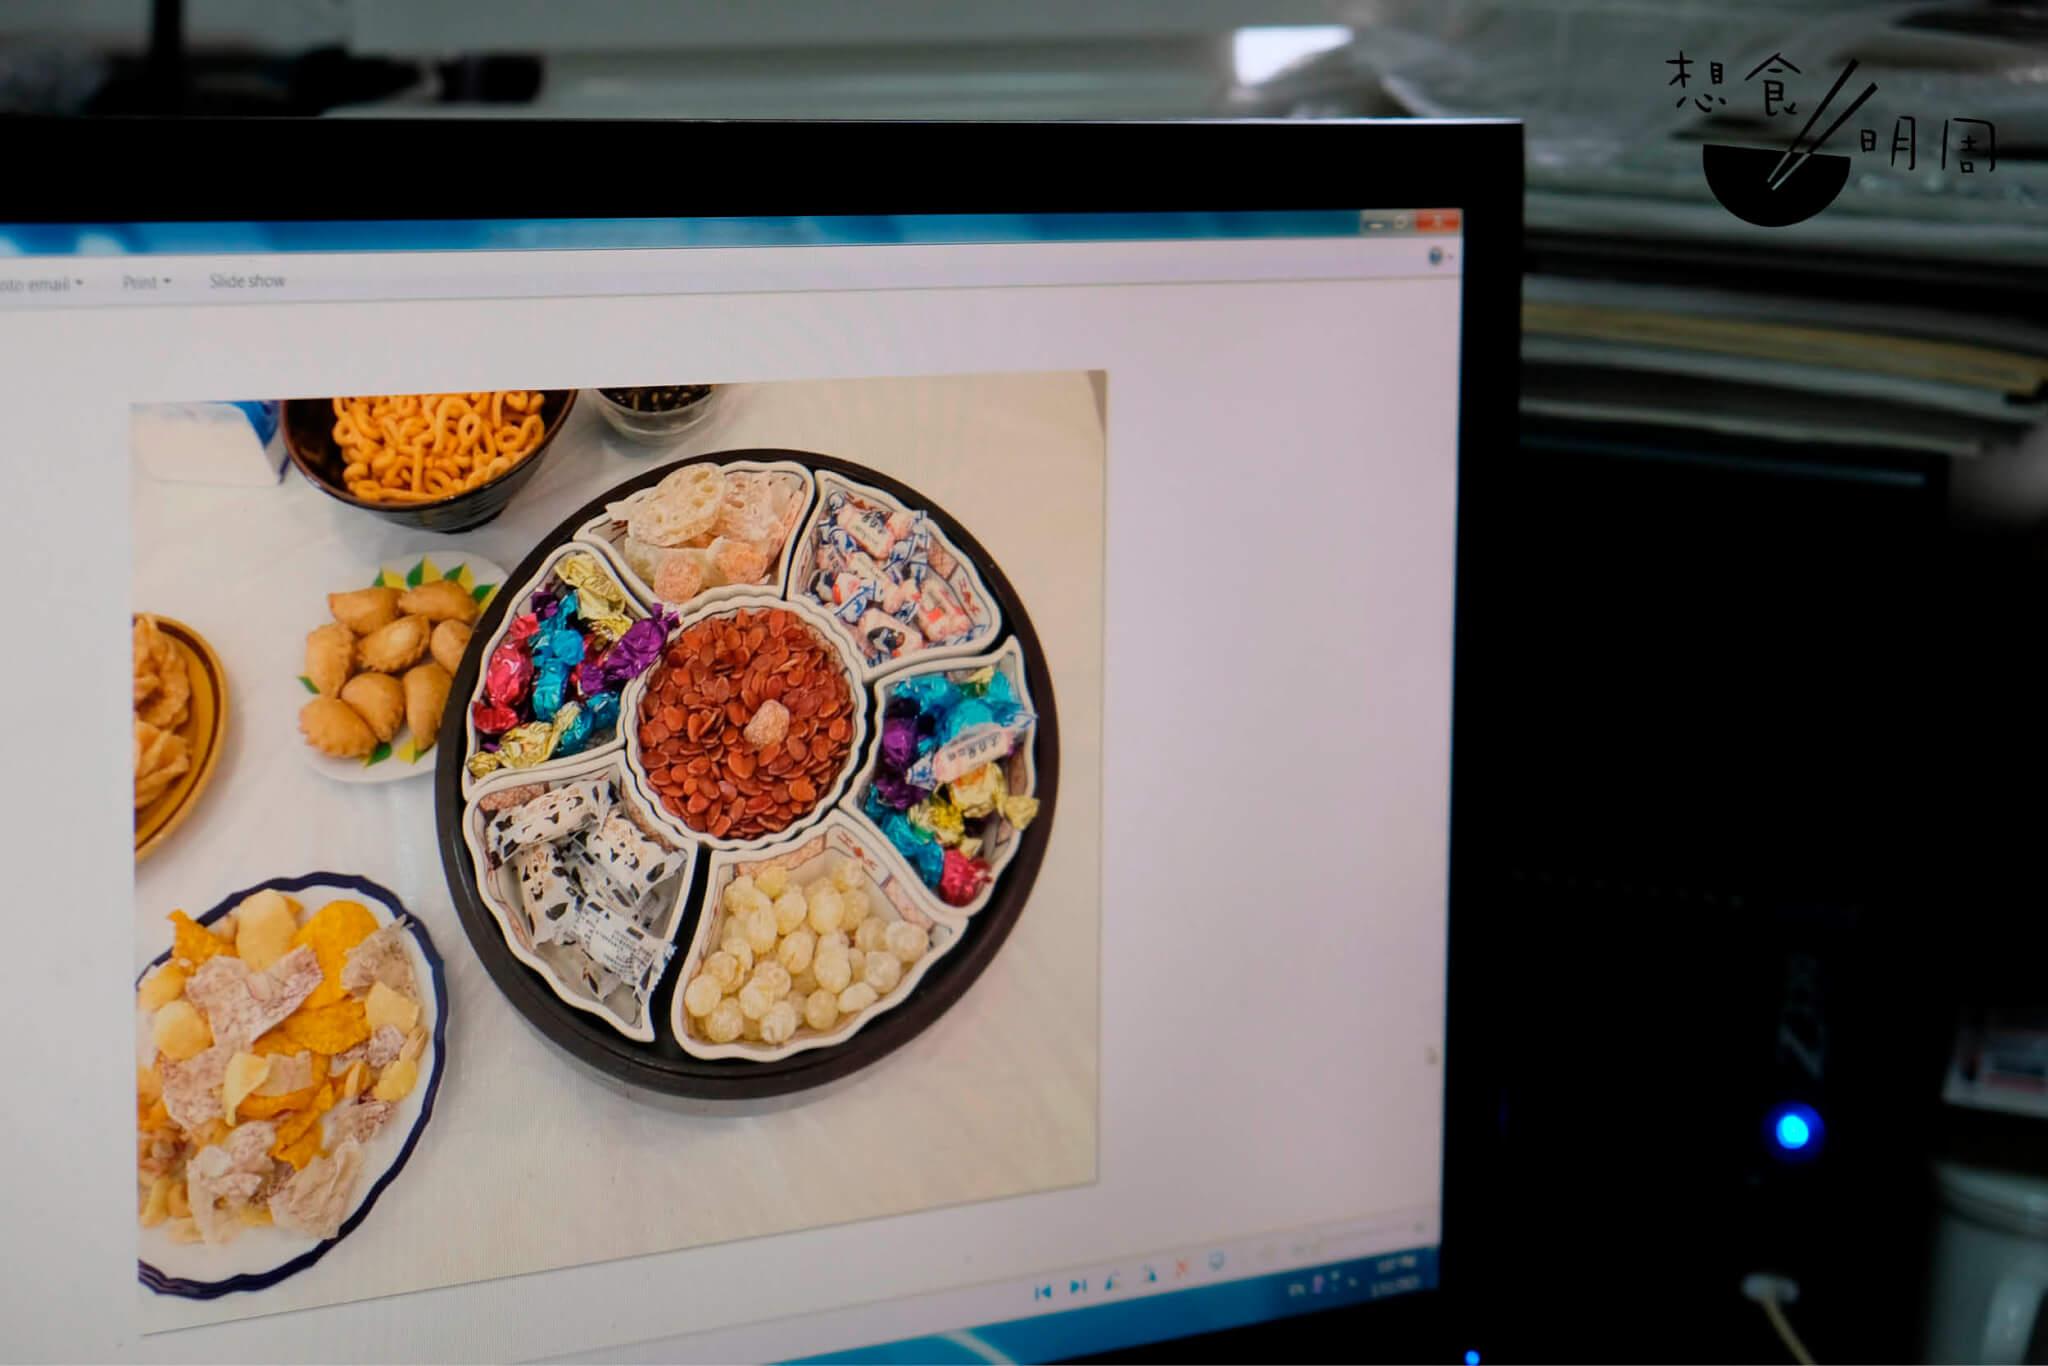 打開電腦,找來了前幾年的影片,那在父親家裏的全盒正是七子圍碗。每格放一款瓜子、糖果、小食,這樣的味道才算過年。